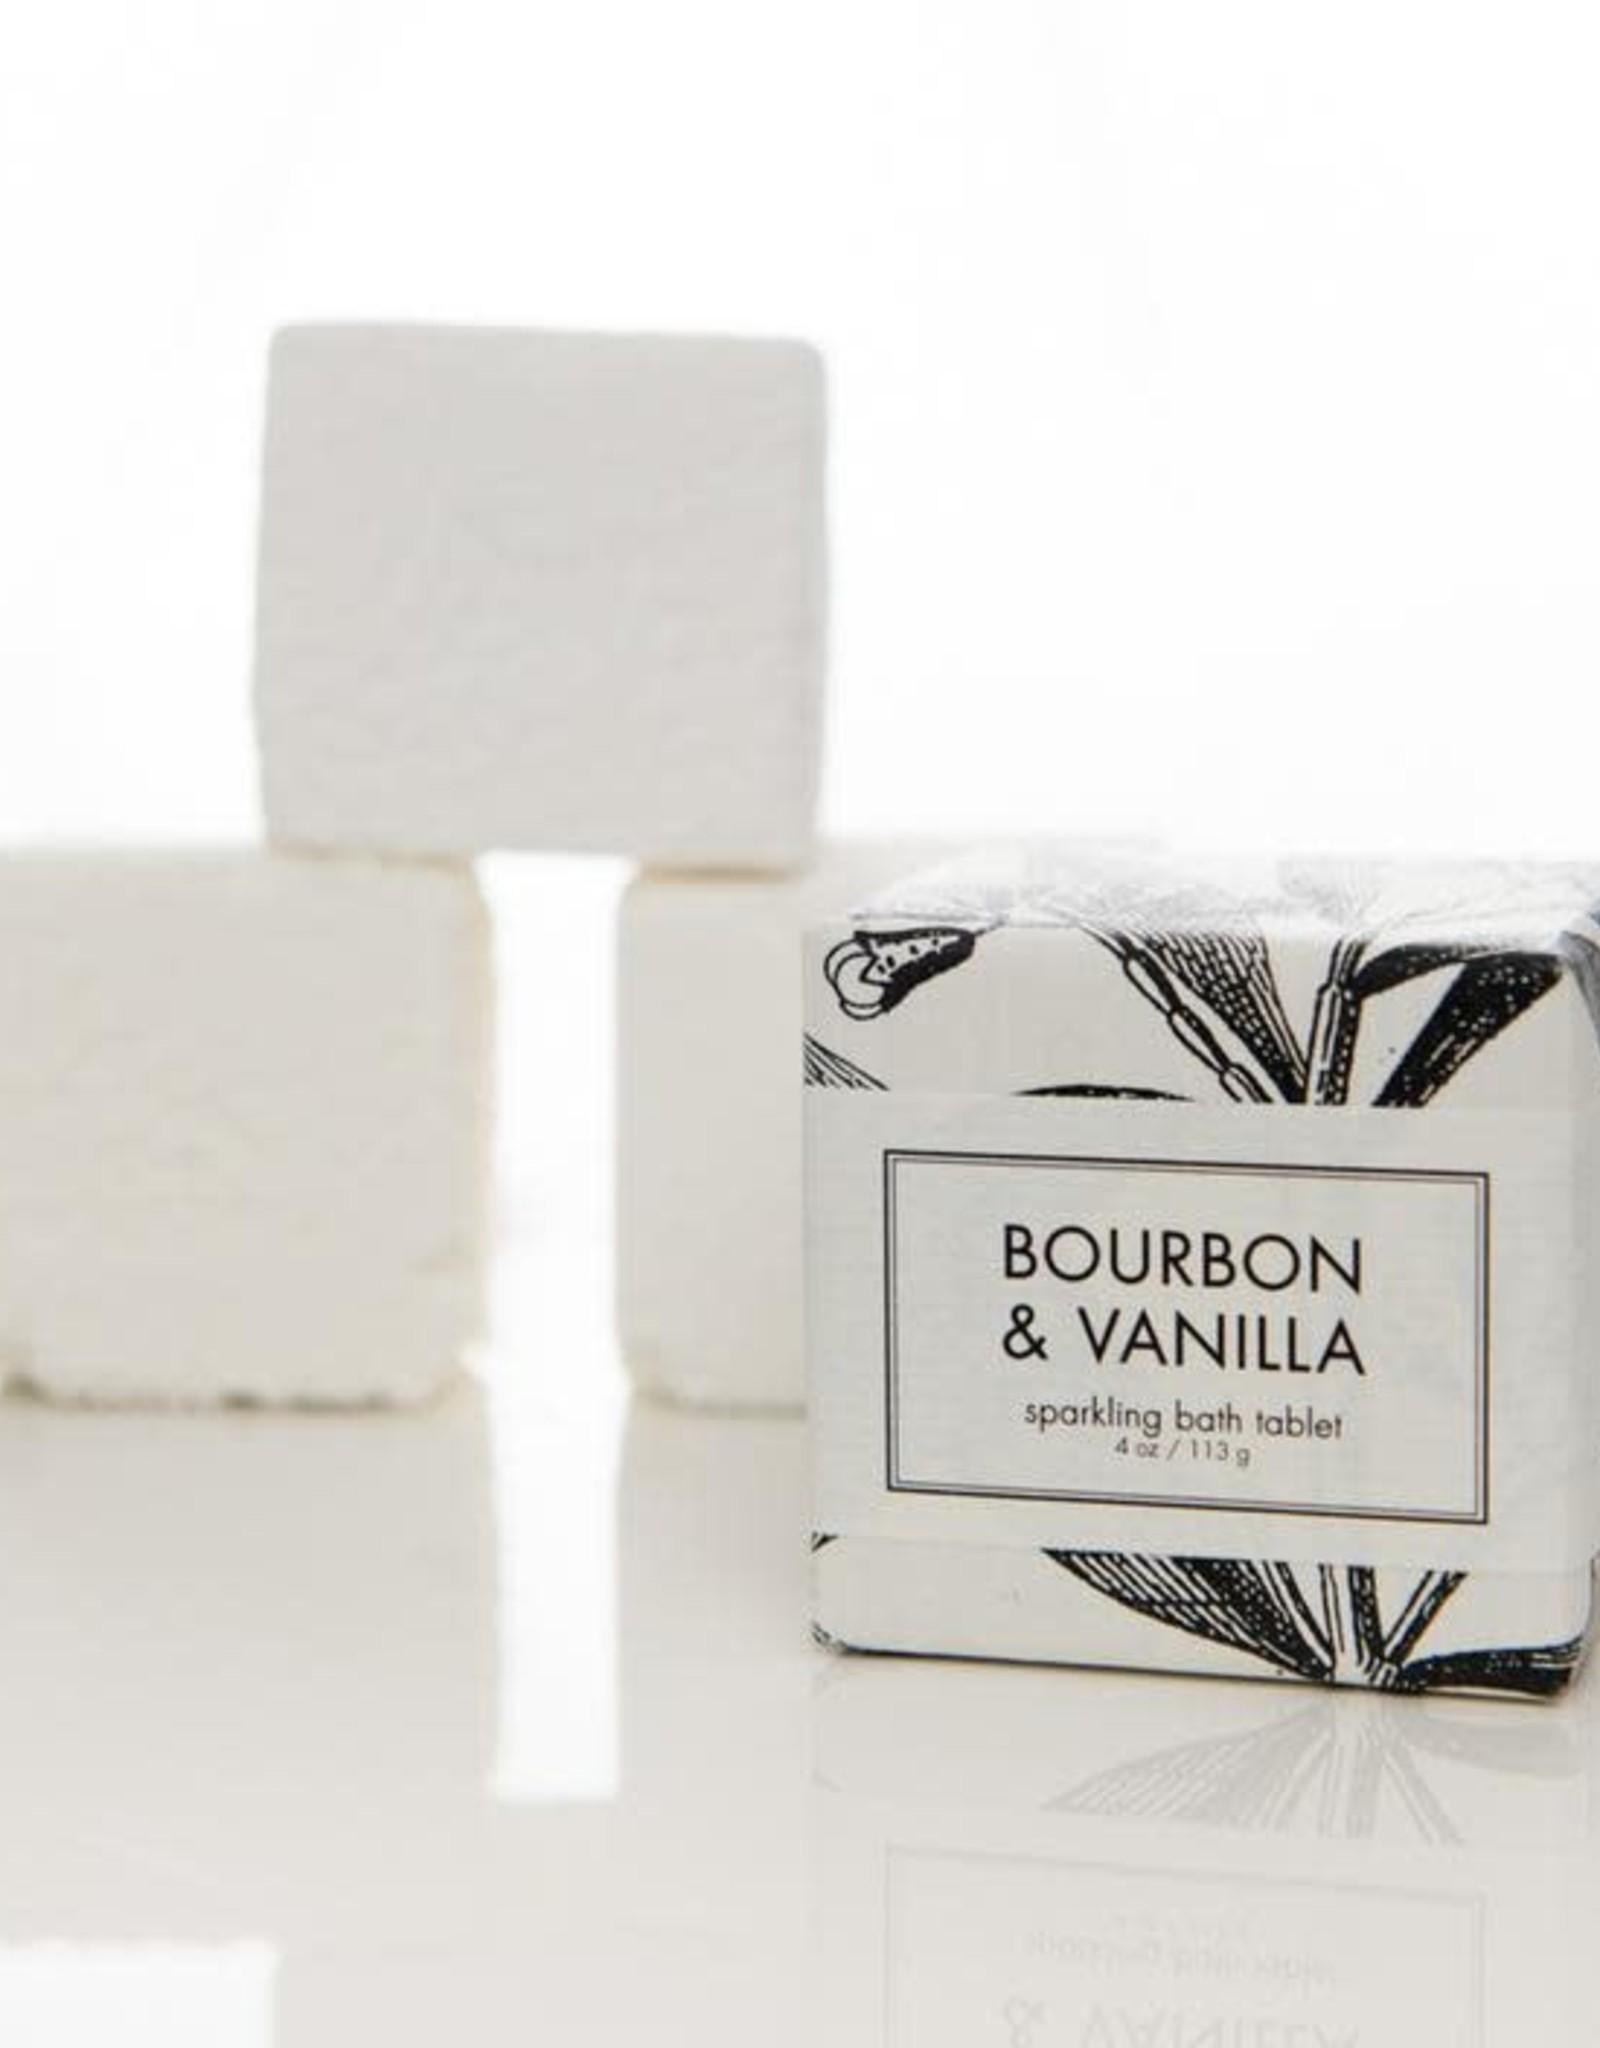 Formulary 55 Bourbon & Vanilla Bath Tablet